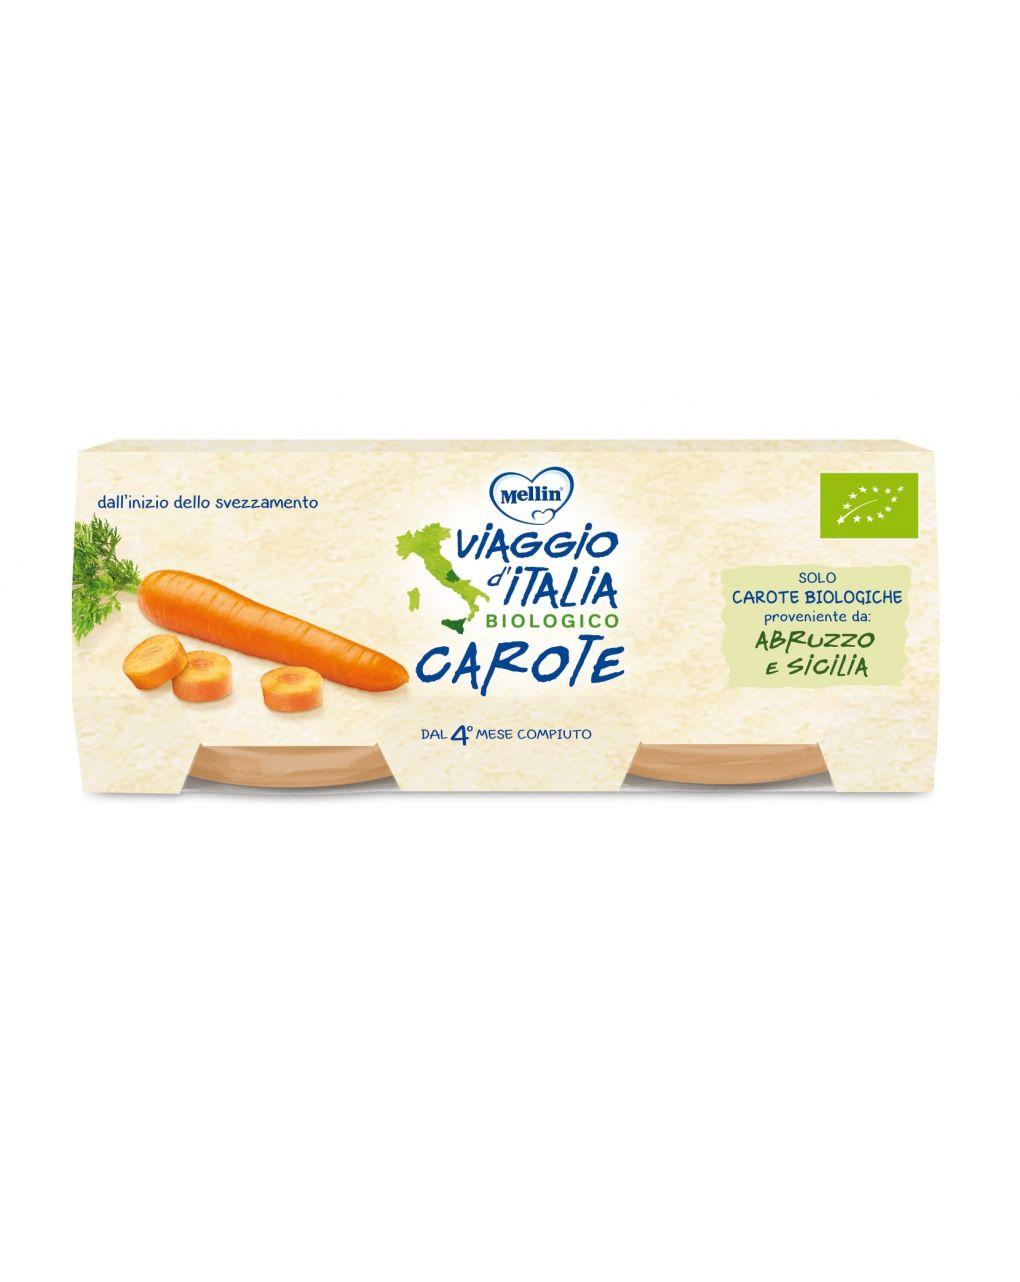 Mellin viaggio d'italia - omogeneizzato bio carote 2x80g - Viaggio d'Italia